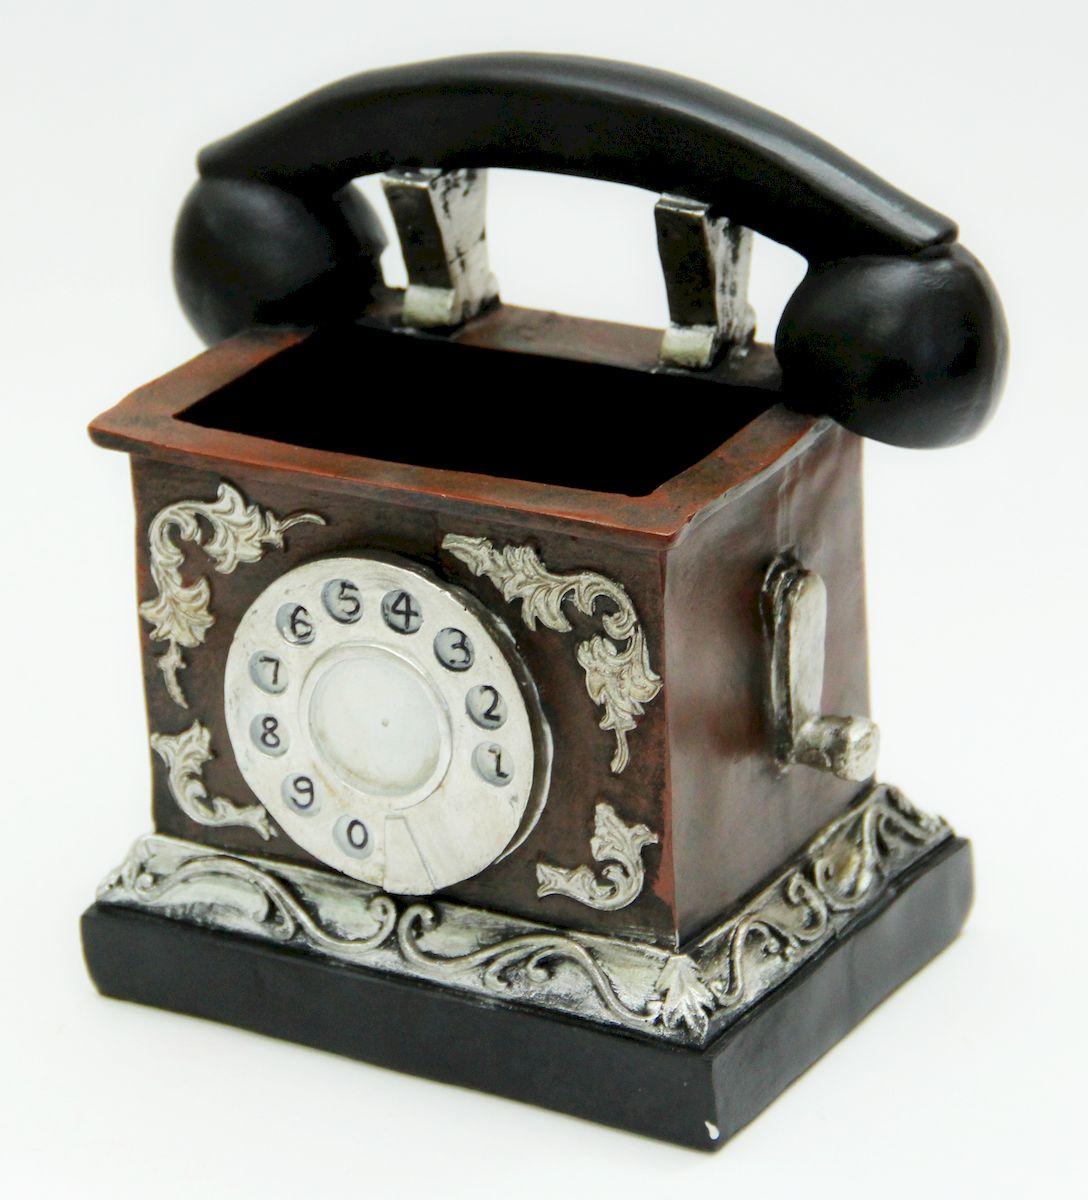 Подставка для канцелярских принадлежностей Magic Home Ретро телефон. 3613236132Оригинально выполненная подставка из прочного полирезина сохранит ваши канцелярские принадлежности, и они всегда будут под рукой. Благодаря эксклюзивному дизайну, подставка оформит ваш рабочий стол, а также станет практичным сувениром для друзей и коллег.